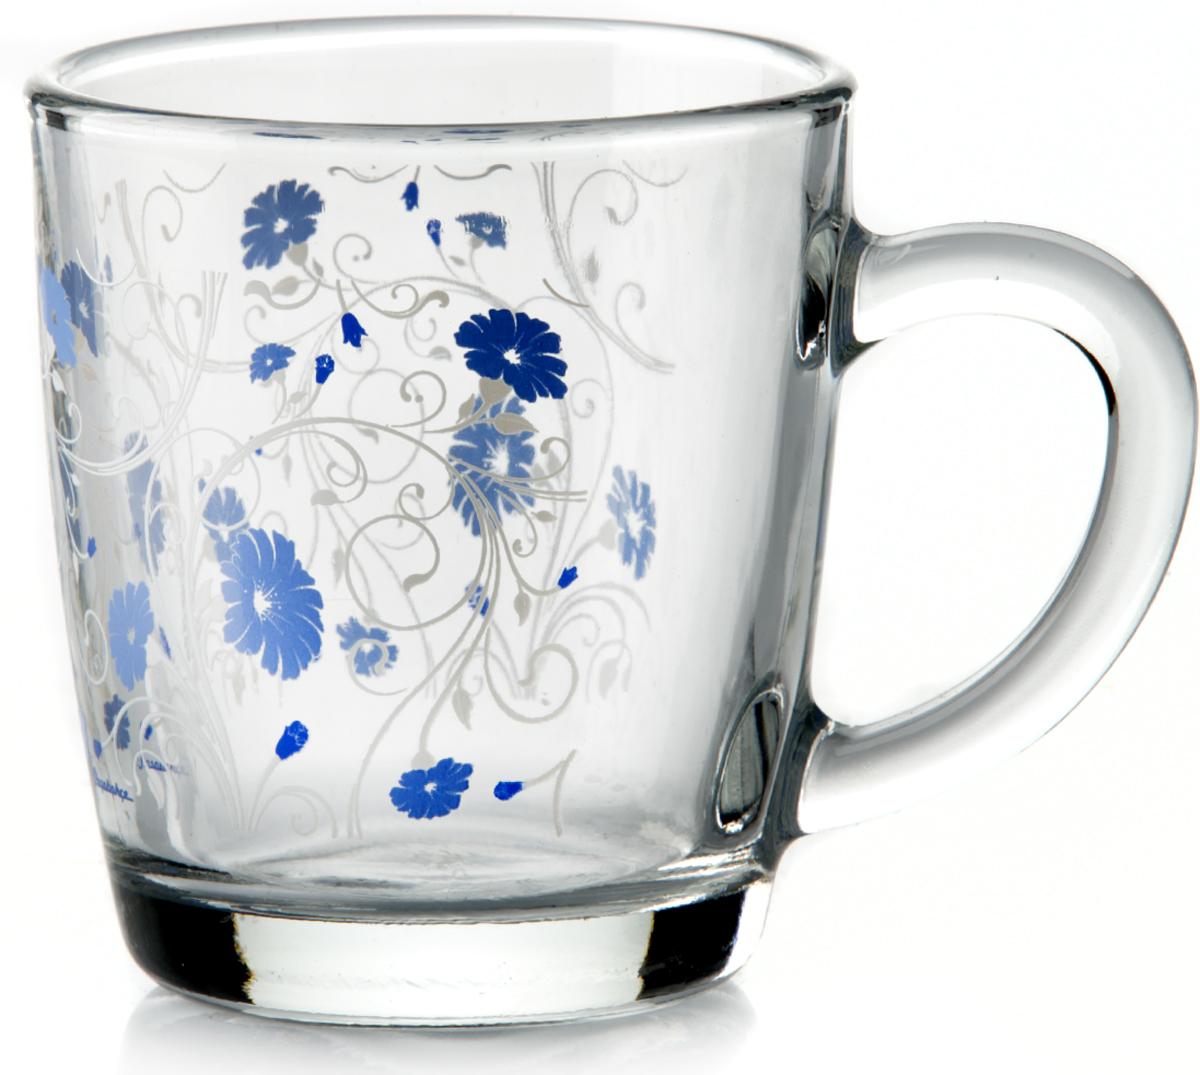 Кружка Pasabahce Serenade, цвет: голубой, прозрачный, 340 мл55531SLBD15Кружка Pasabahce Serenade изготовлена из прозрачного стекла и украшена красивым рисунком. Изделие идеально подходит для сервировки стола.Кружка не только украсит ваш кухонный стол, но и подчеркнет прекрасный вкус хозяйки.